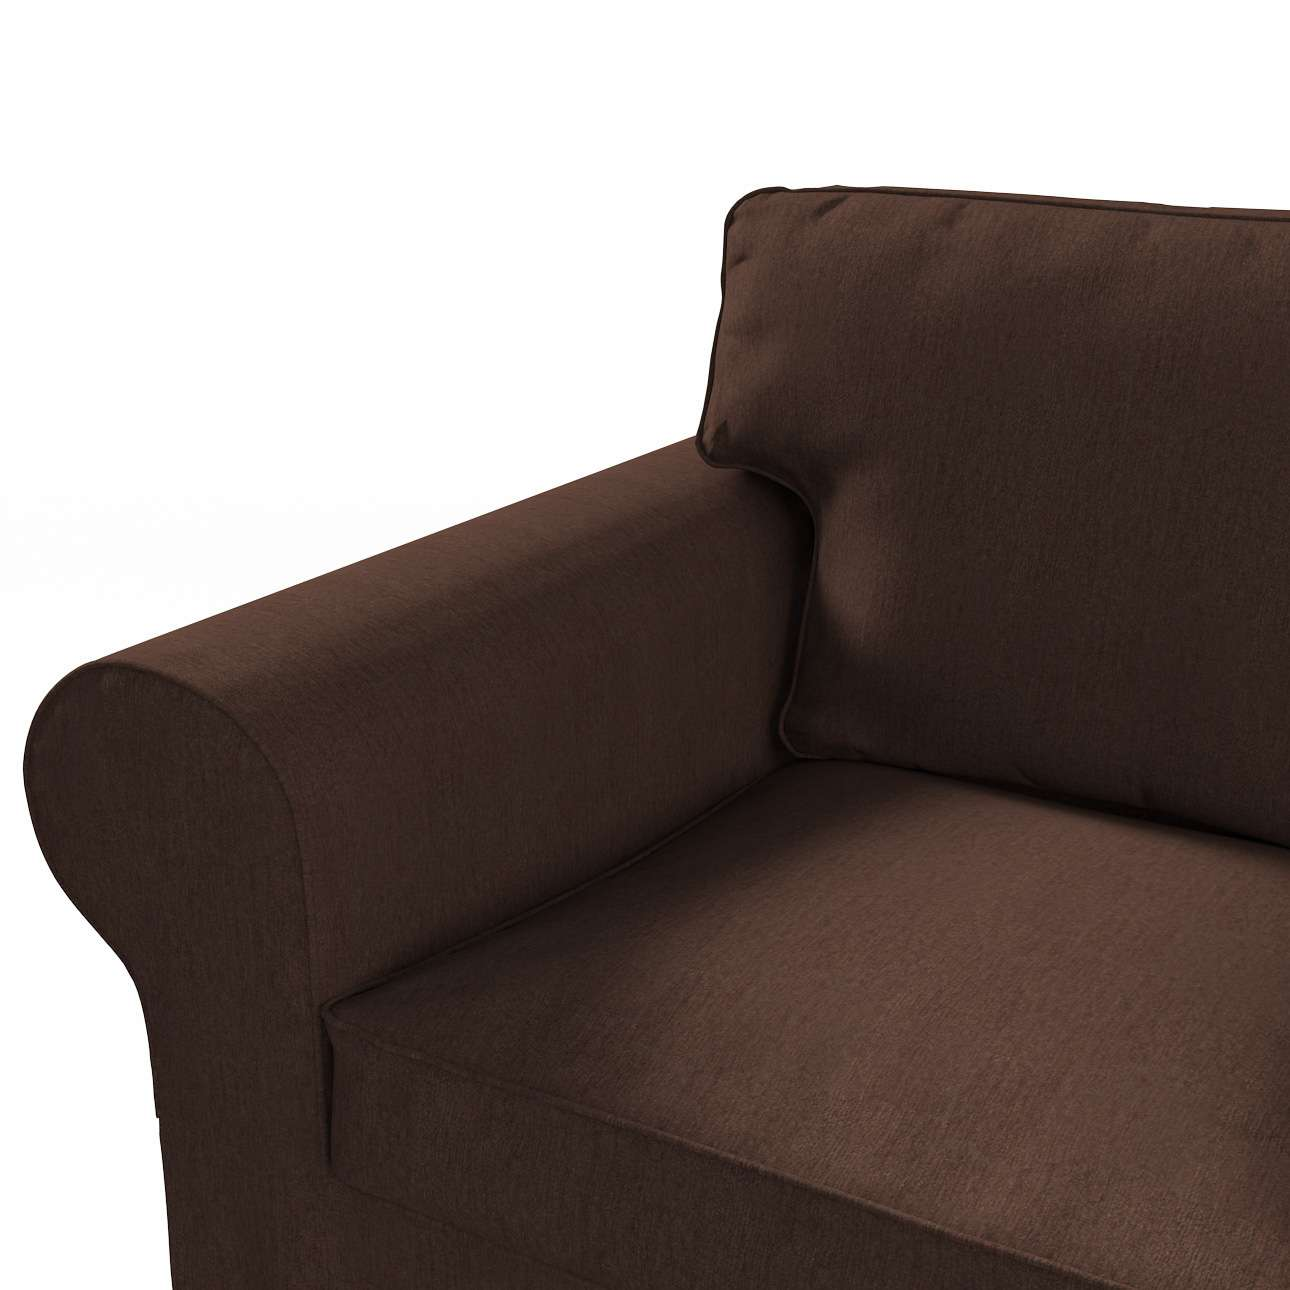 Pokrowiec na sofę Ektorp 3-osobową, rozkładaną STARY MODEL w kolekcji Chenille, tkanina: 702-18